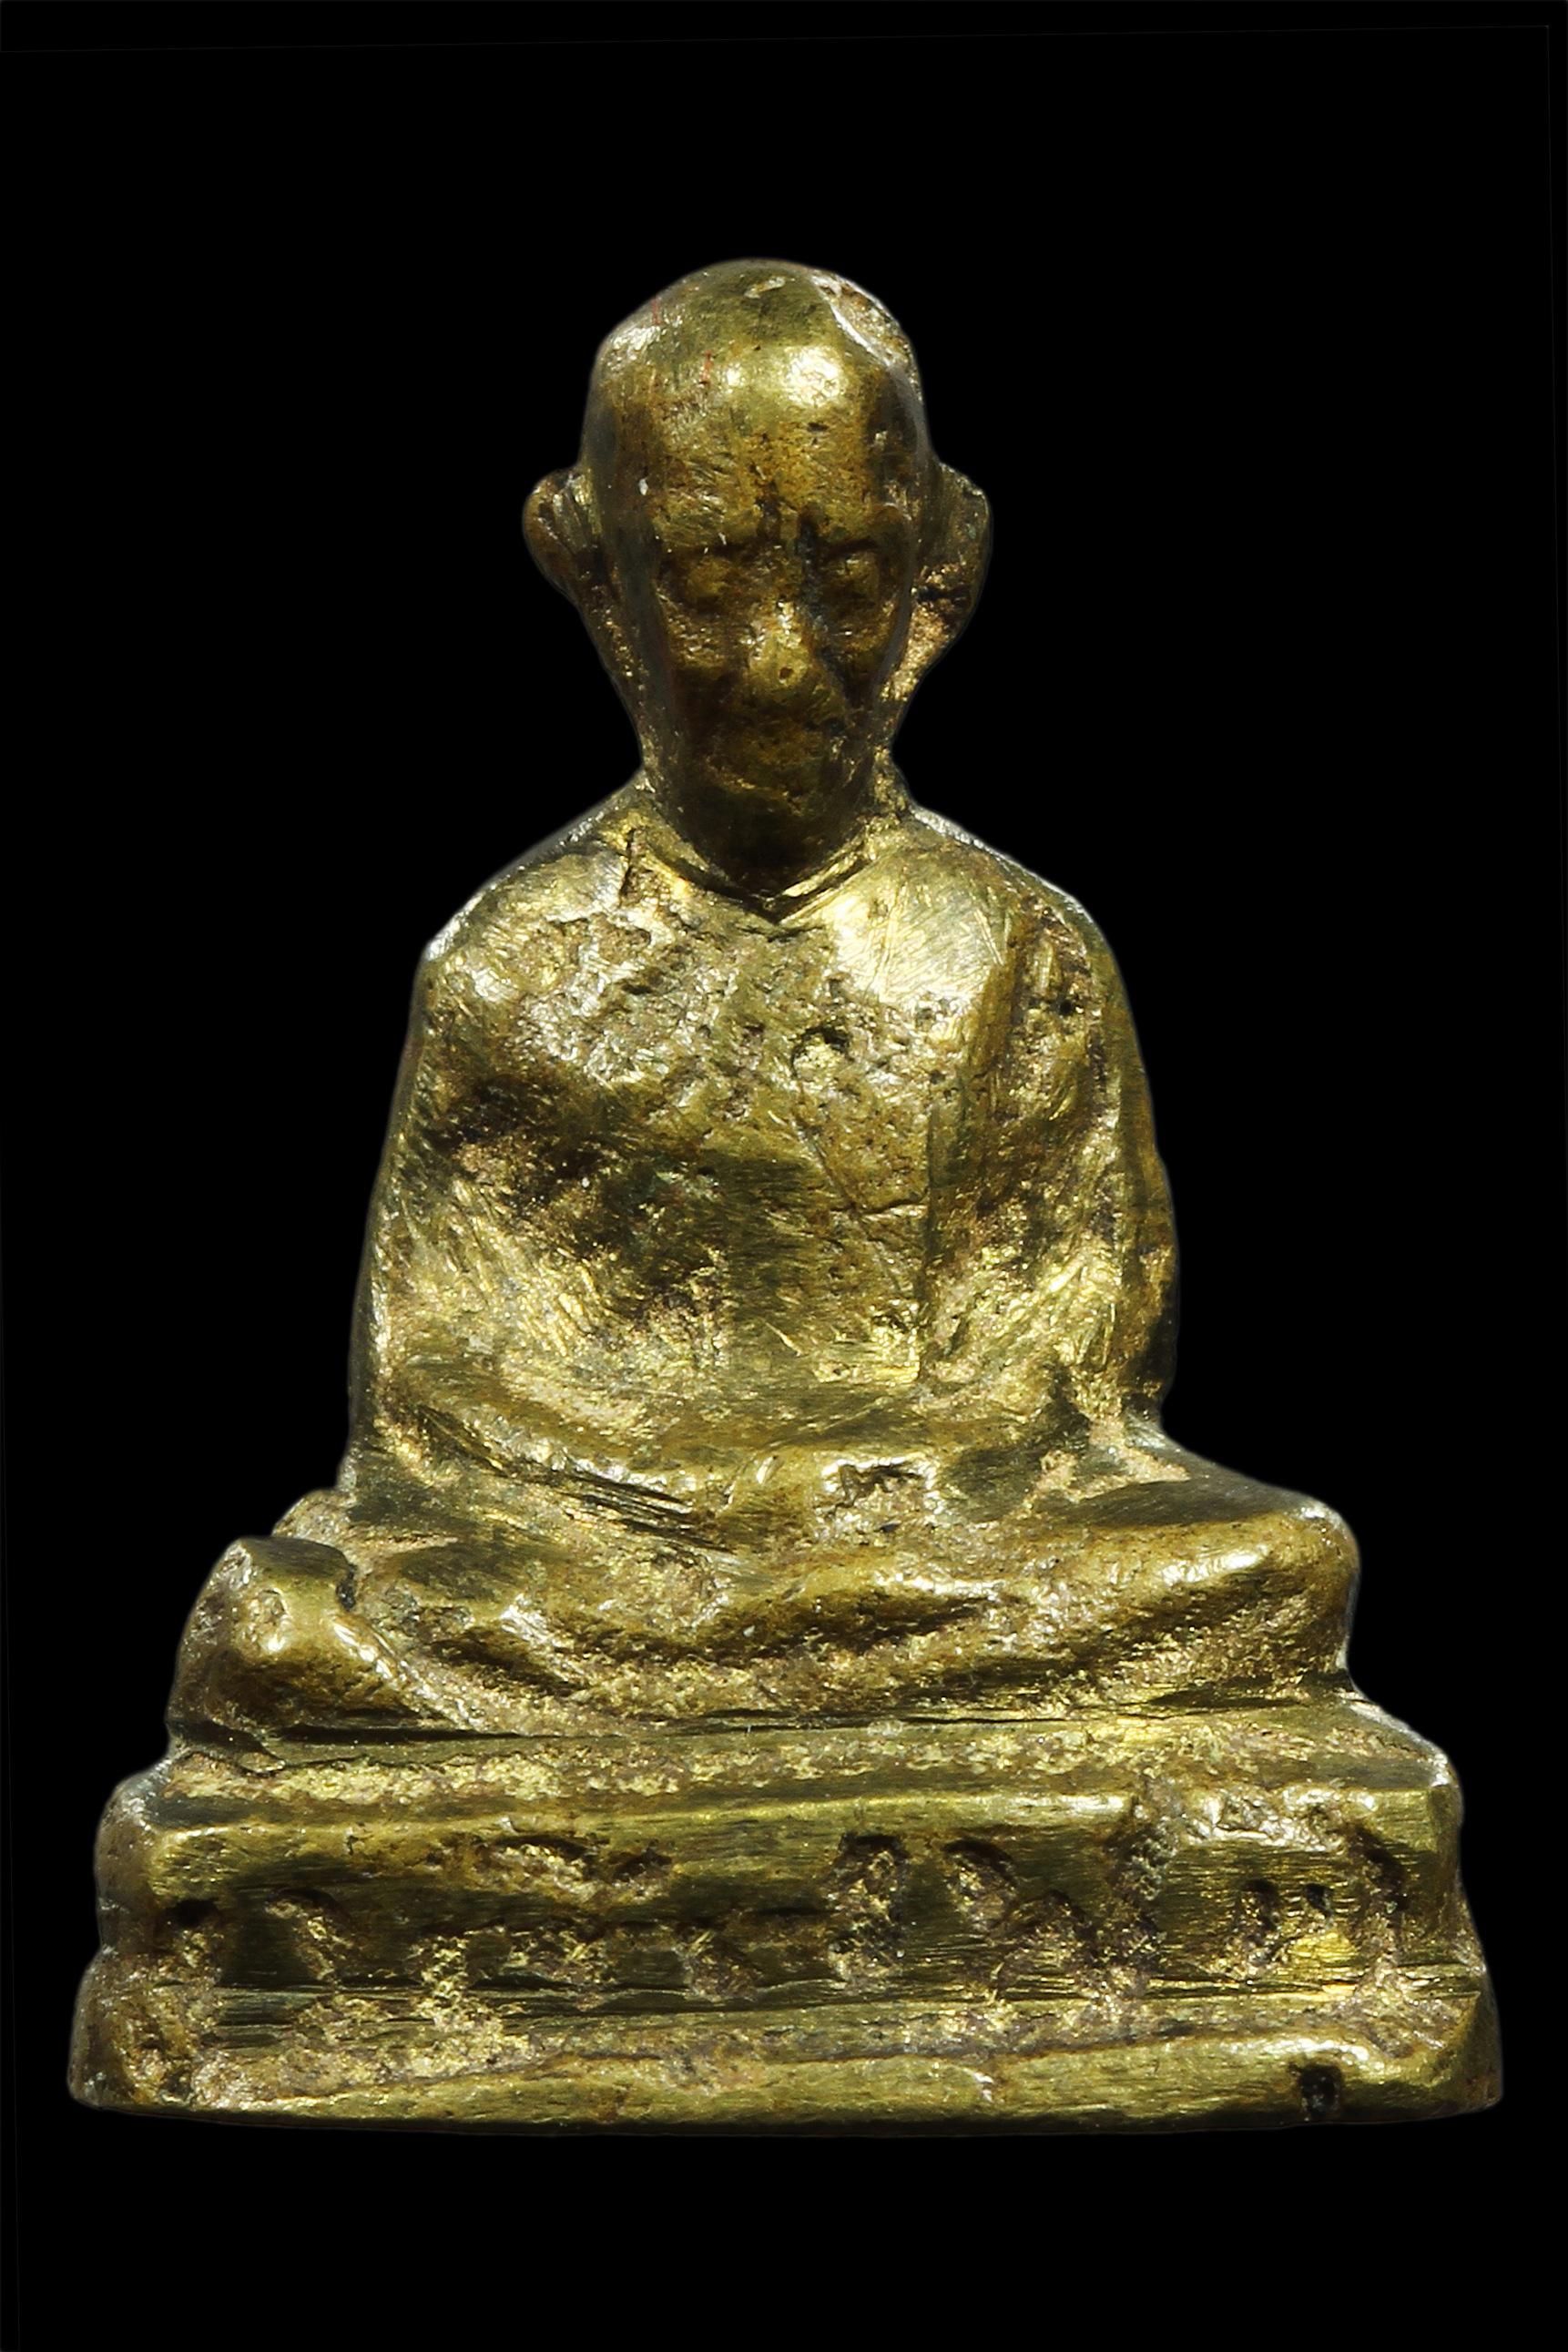 รูปหล่อ หลวงพ่อทบ พิมพ์หัวไม้ขีด ปี 2505